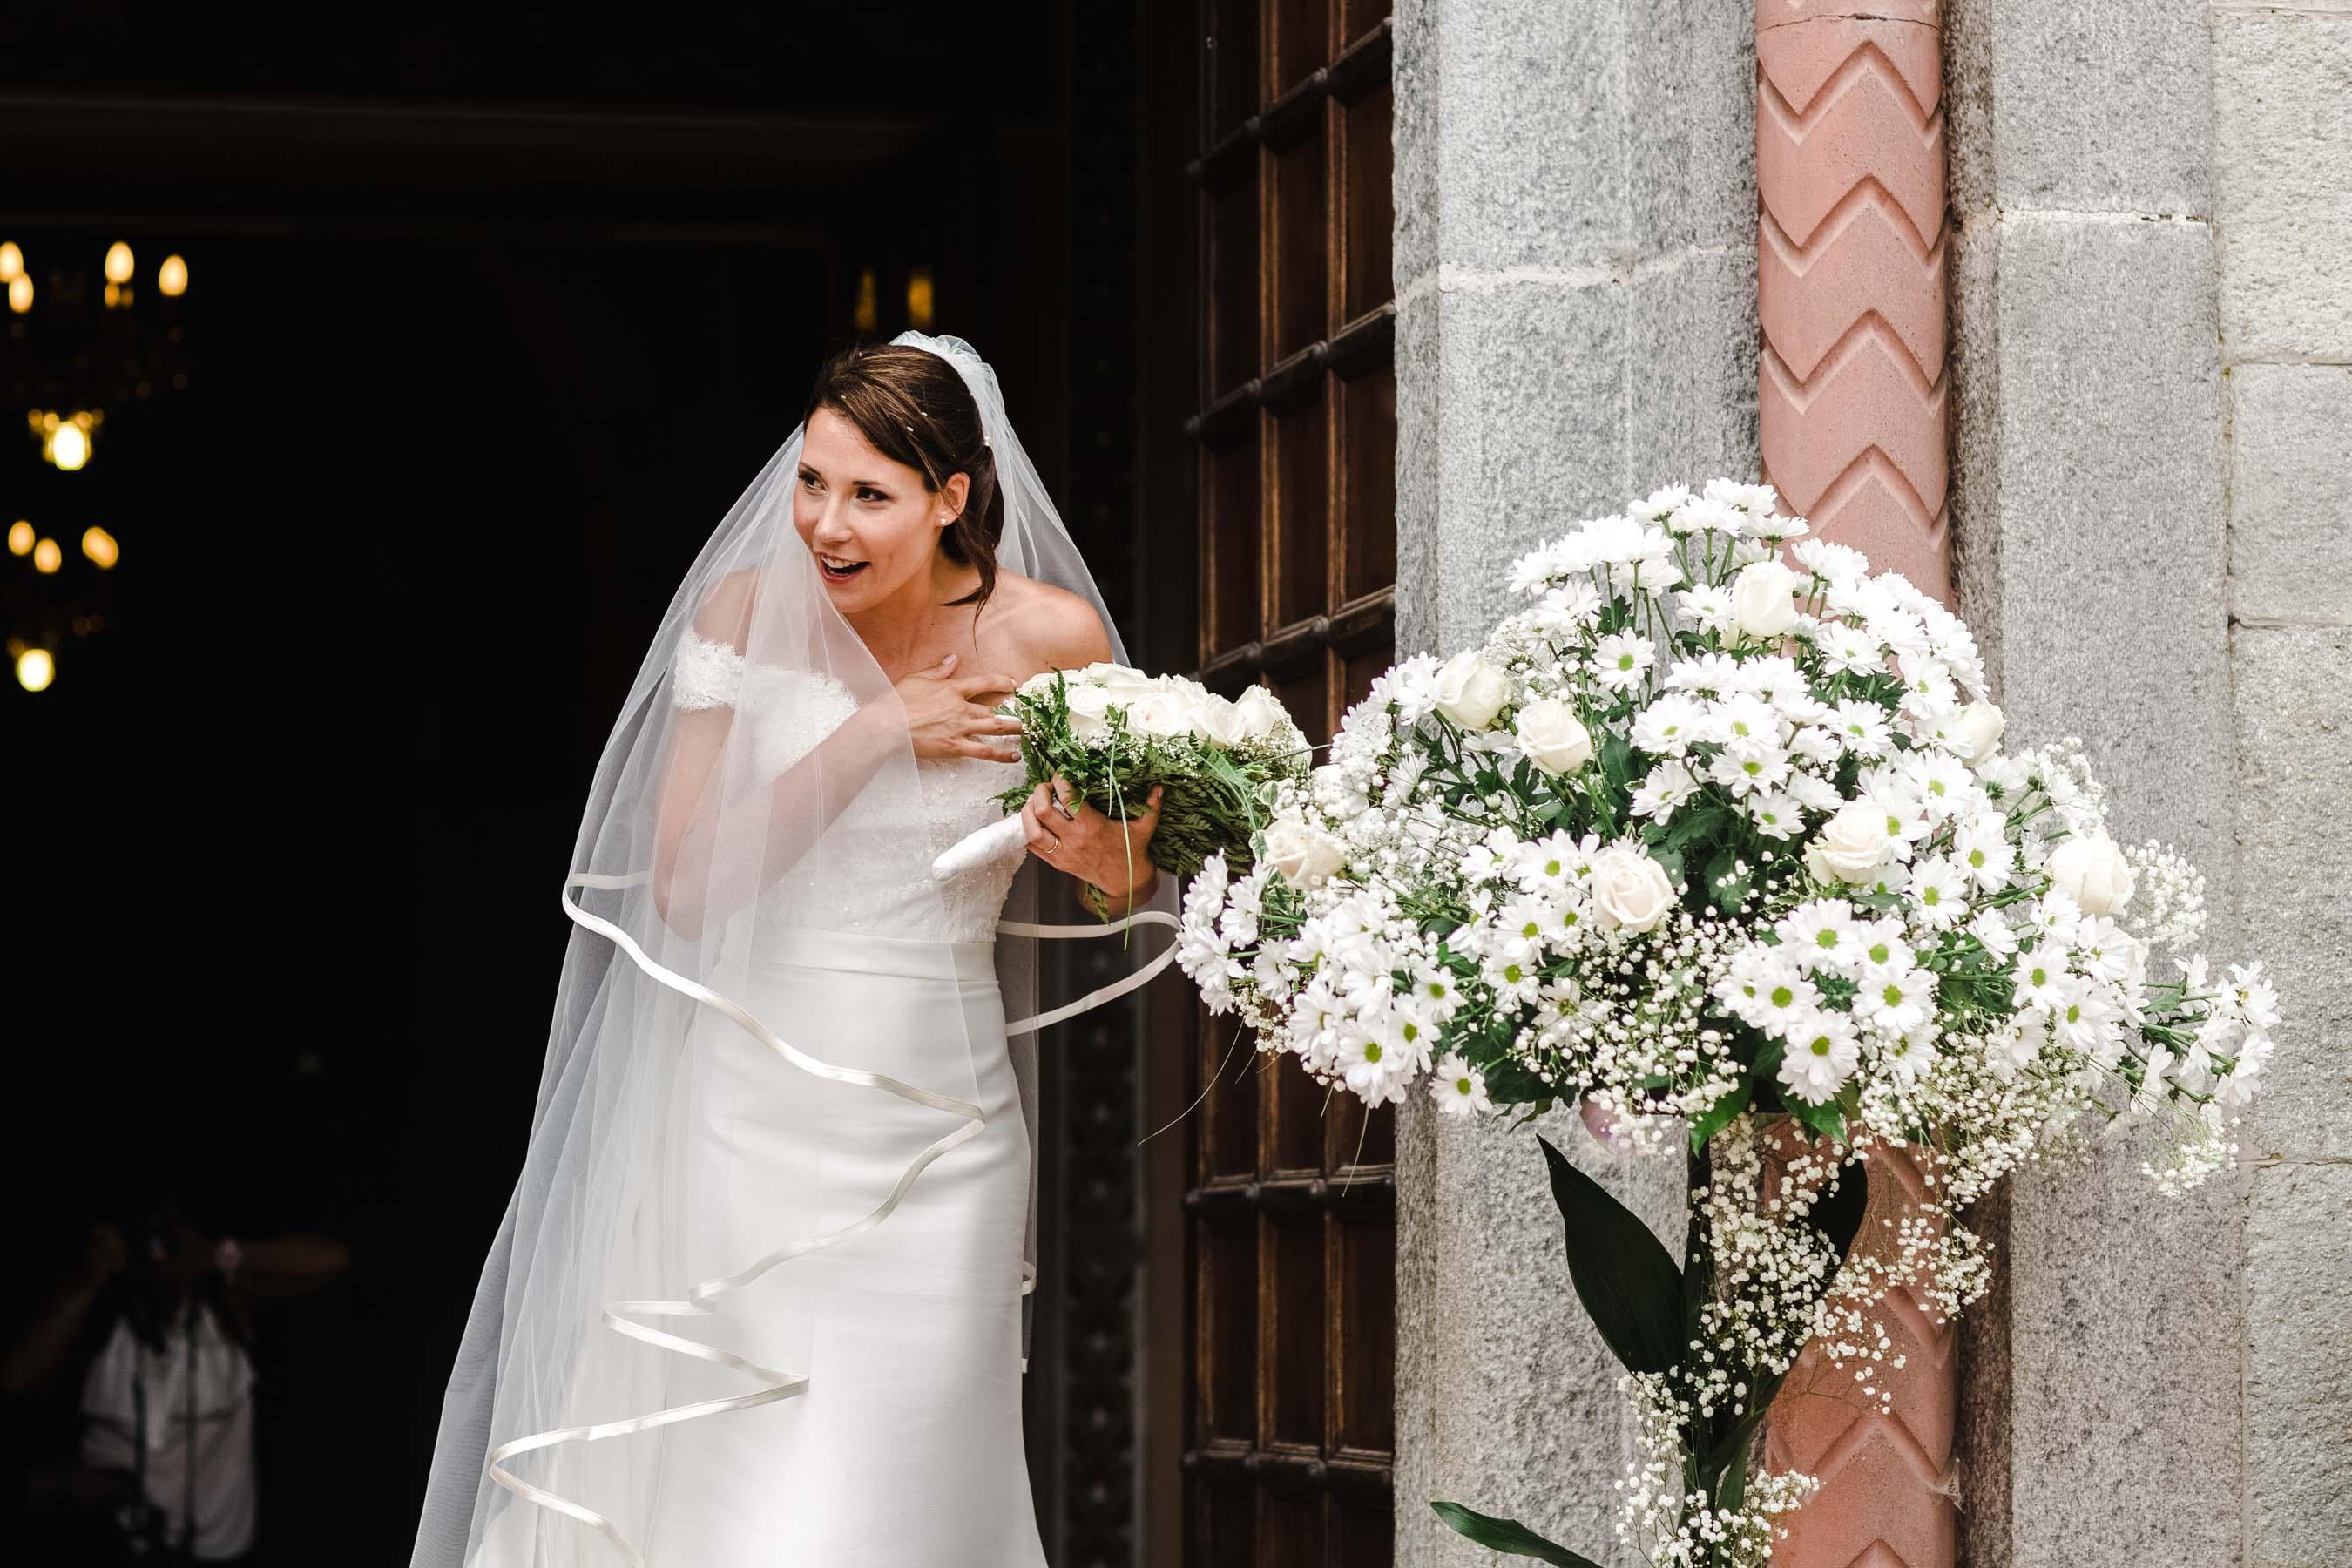 art foto_torino_monica sica photography_la vià _cavour_ fotografo matrimonio_torino-35